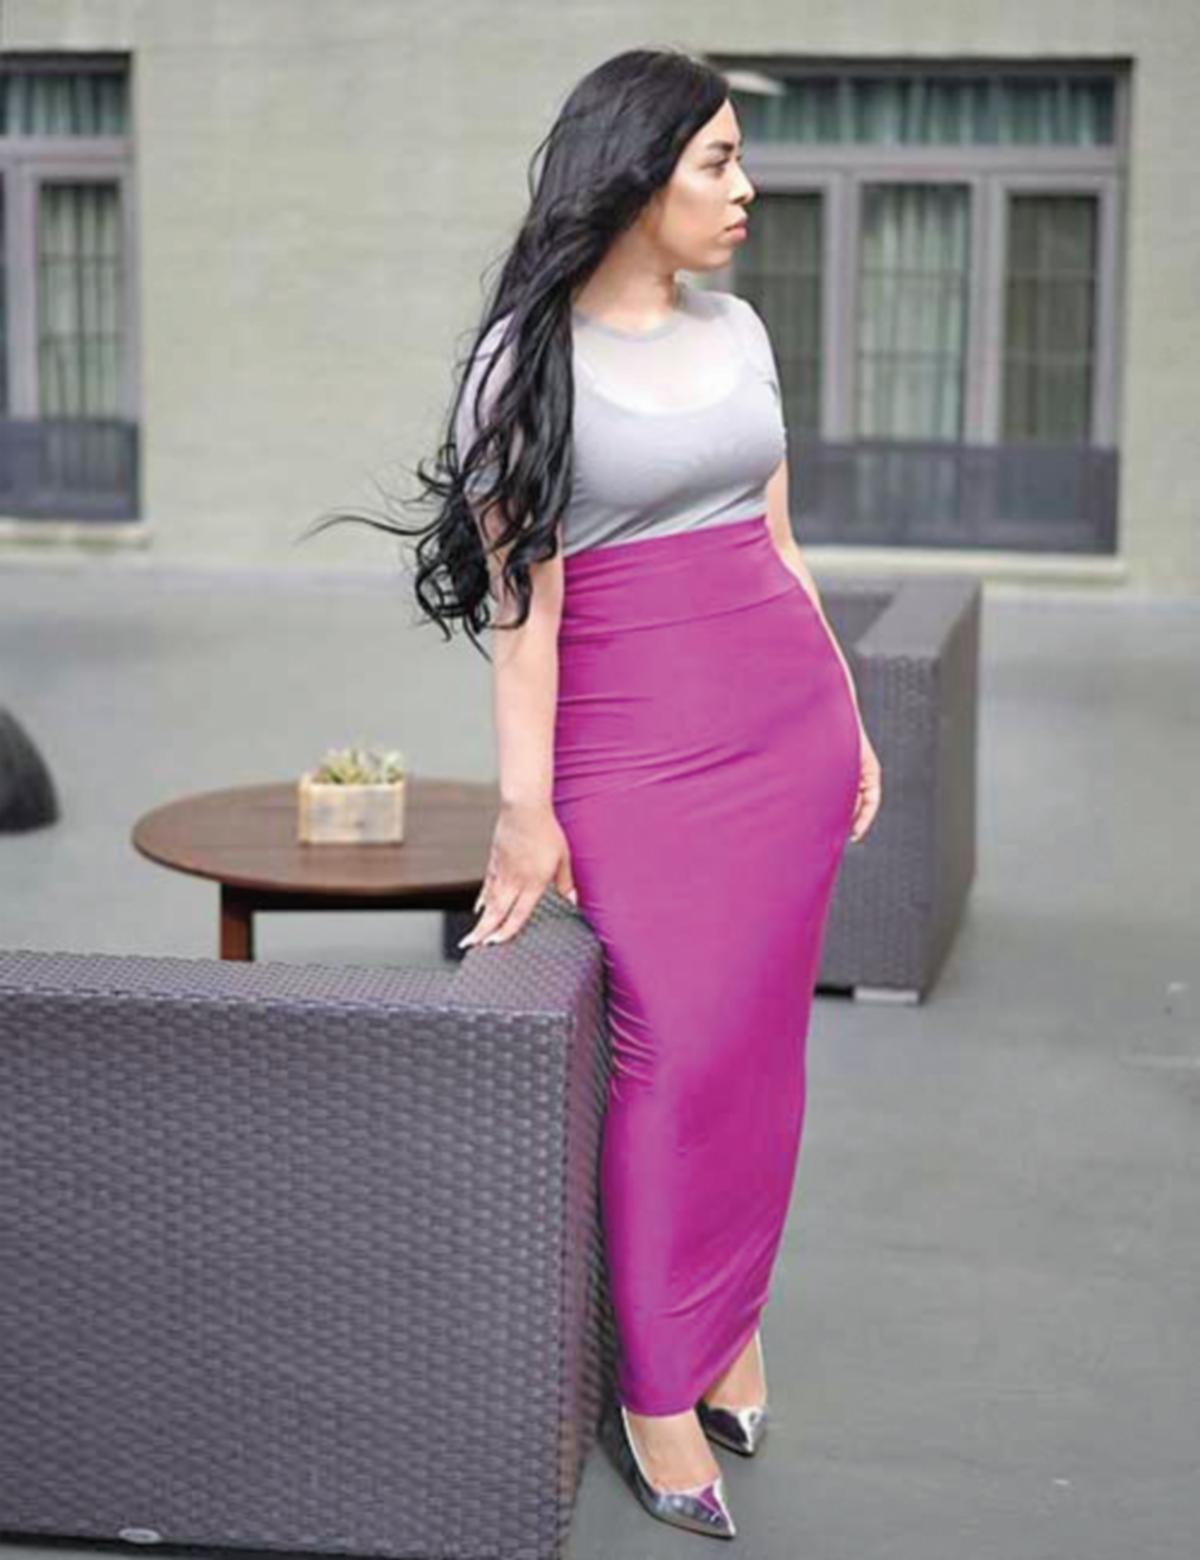 TIDAK takut menonjolkan kontur tubuh penggayaan warna terang pada skirt pensel.